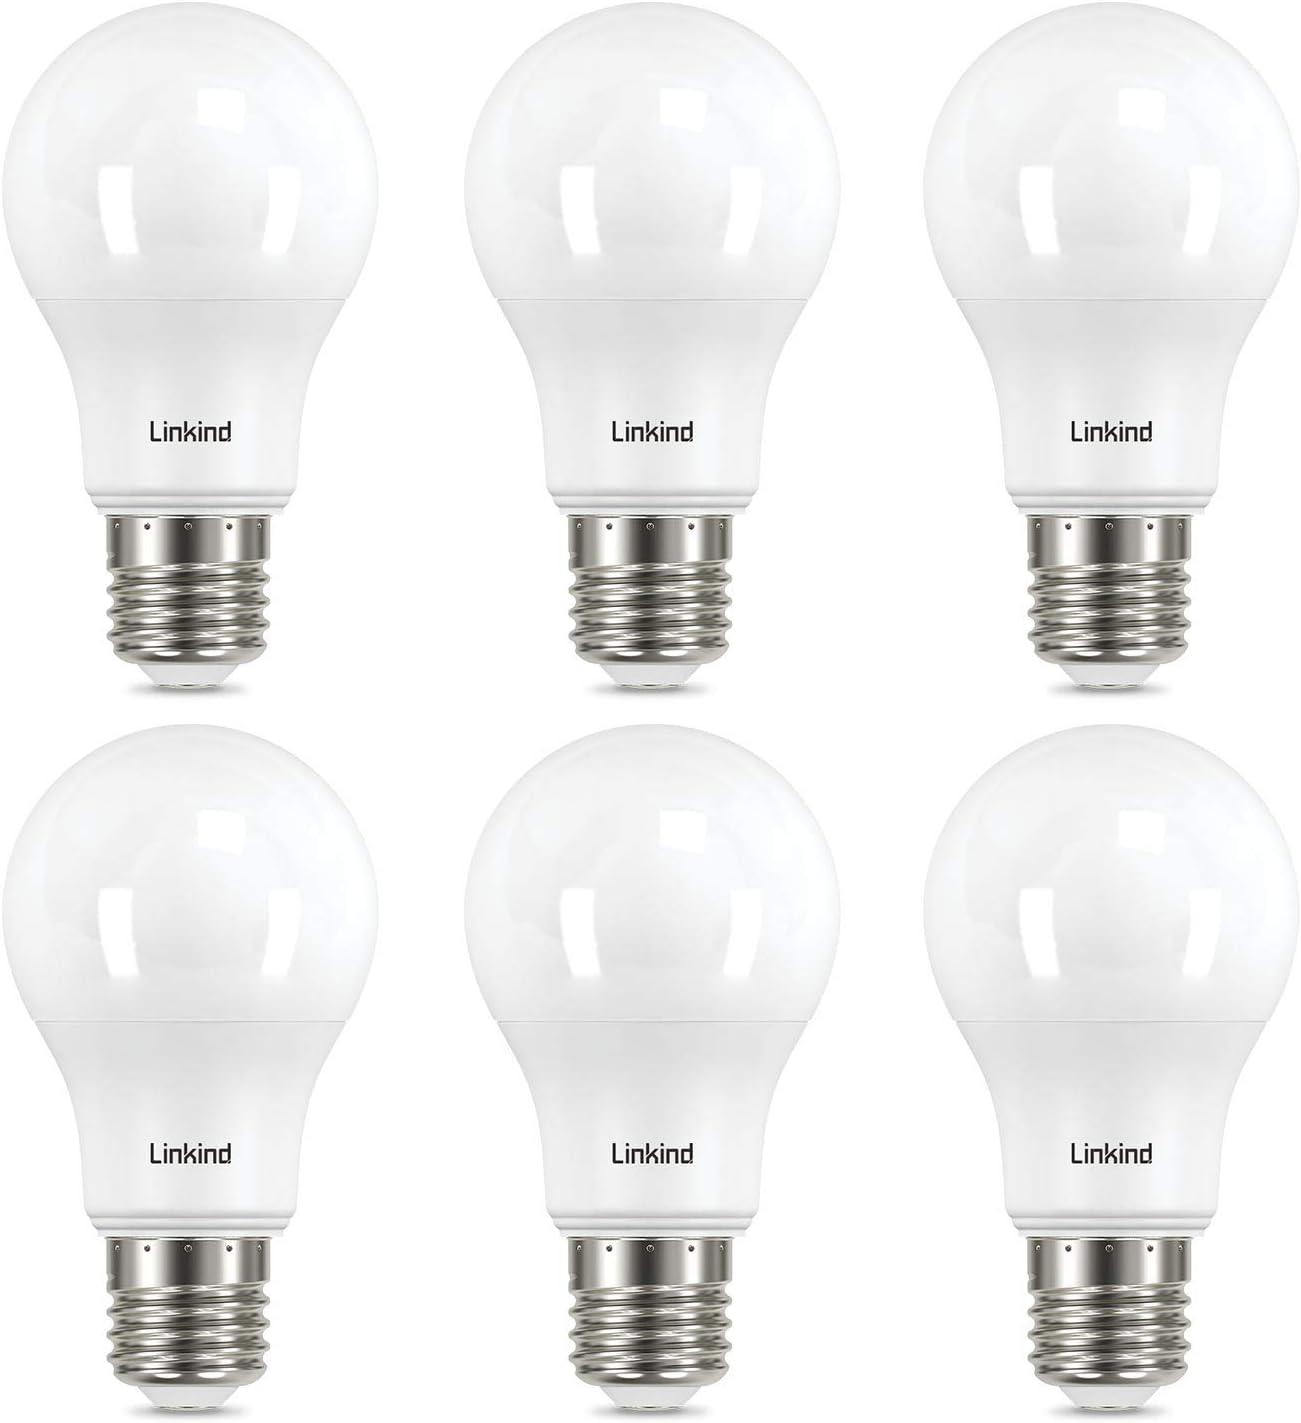 100W Gl/ühlampe ersetzt ERP 2700k Warmwei/ß 1521LM A60 Edison Birne CE-zertifiziert Linkind 3er-Pack 13W Dimmbar E27 LED Lampe